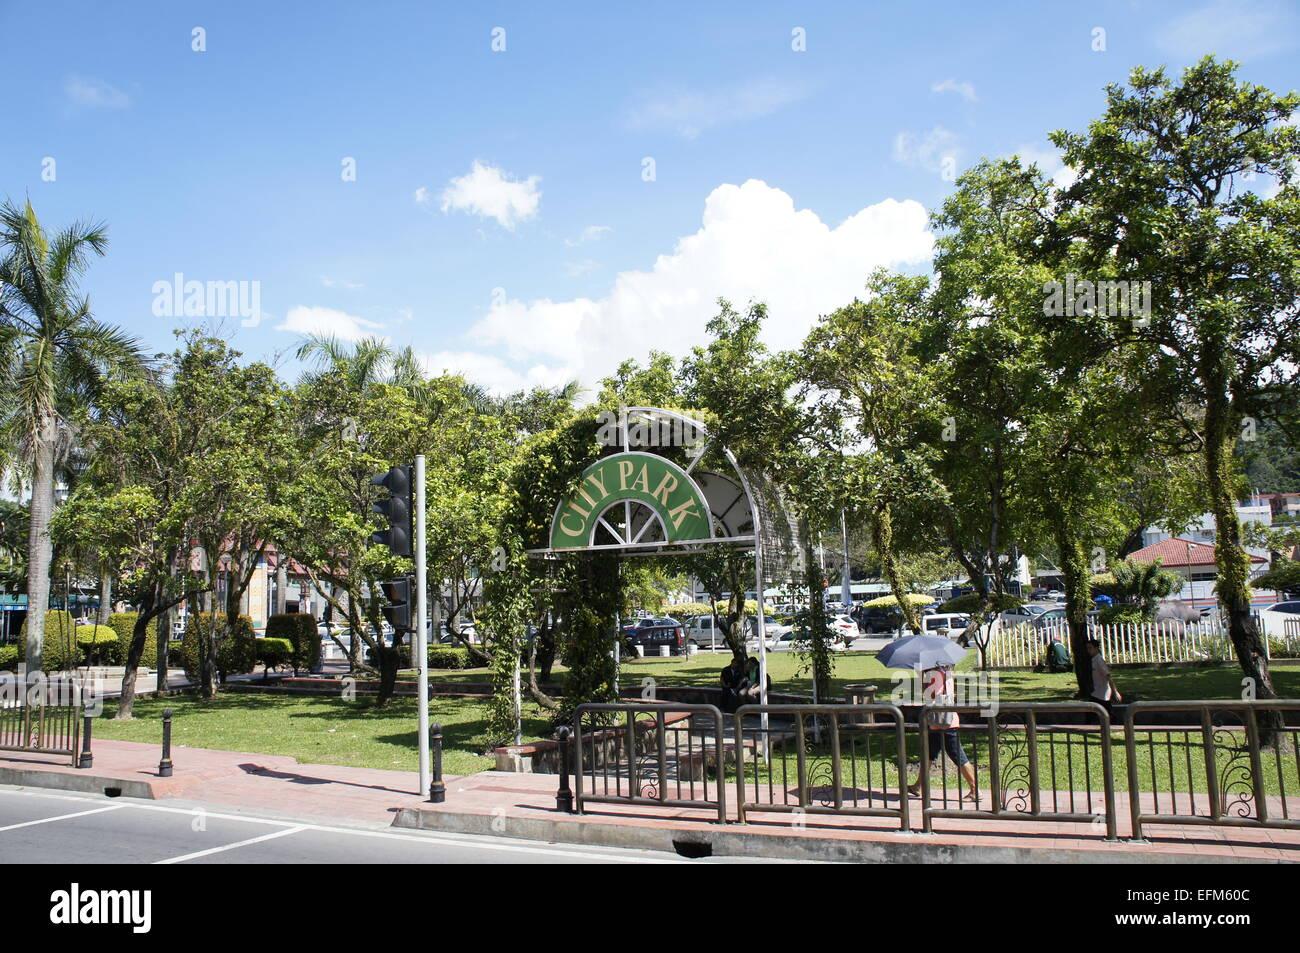 City Park, Kota Kinabalu, Sabah - Stock Image